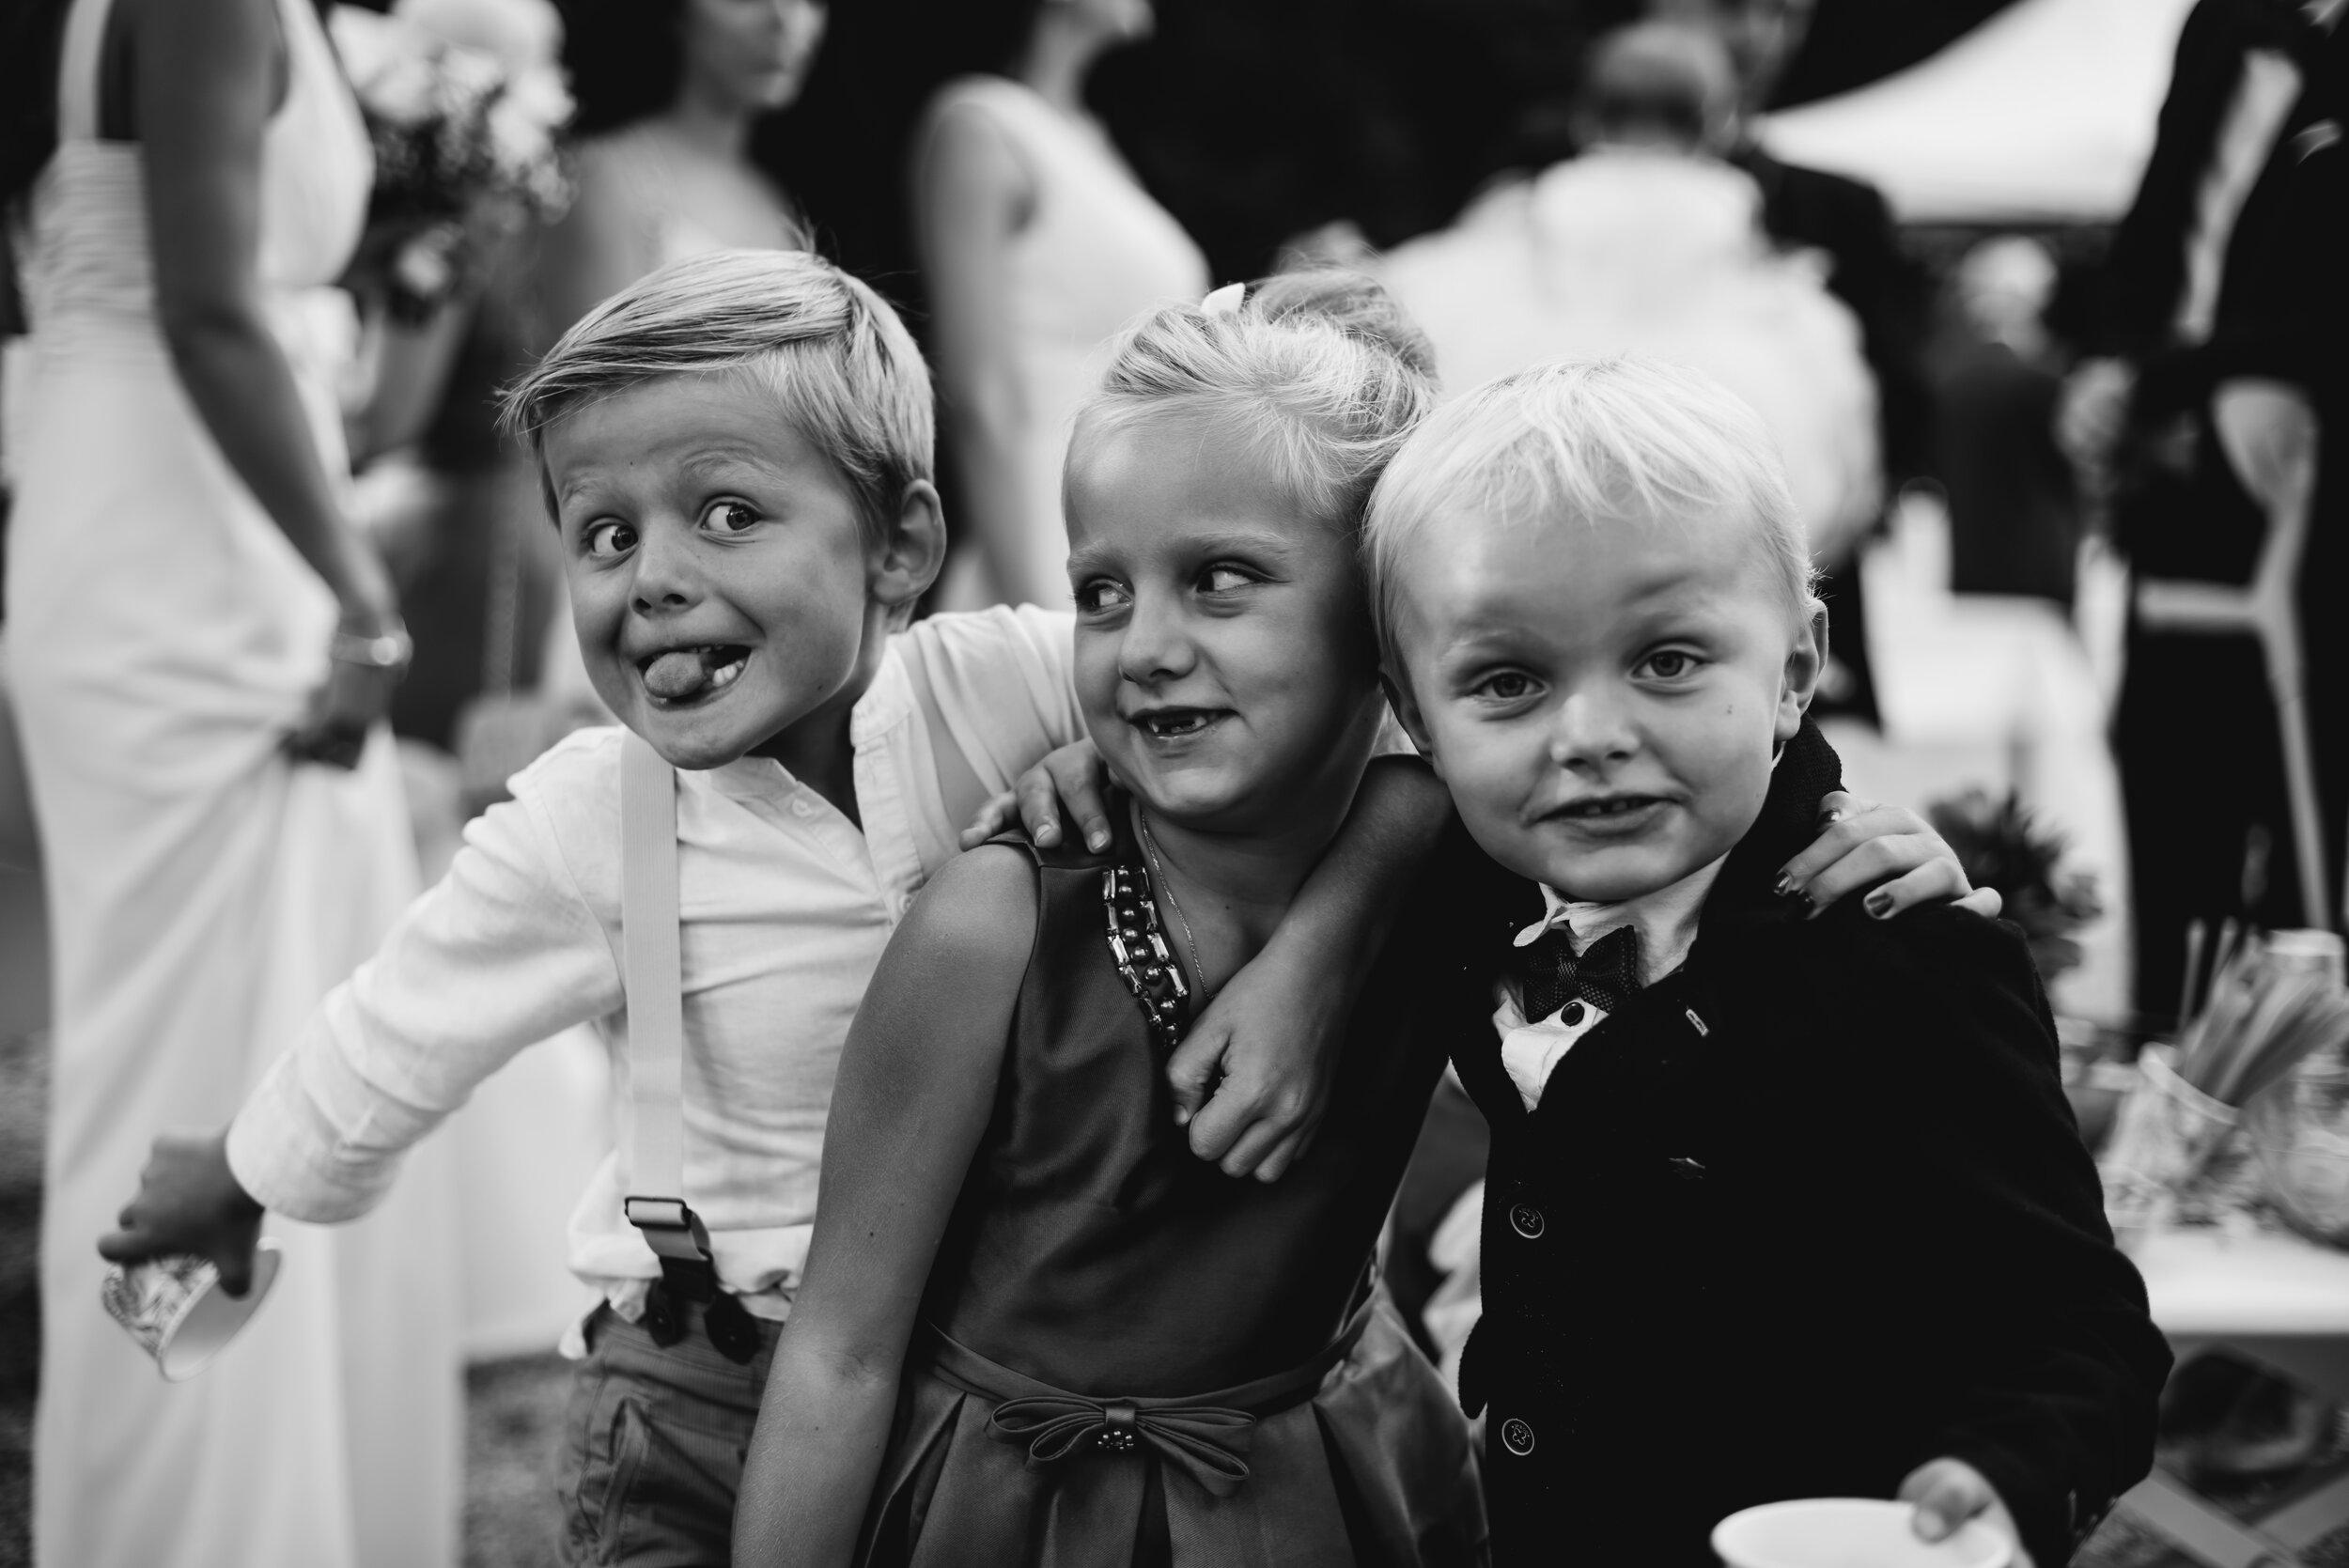 Léa-Fery-photographe-professionnel-lyon-rhone-alpes-portrait-creation-mariage-evenement-evenementiel-famille-9196.jpg